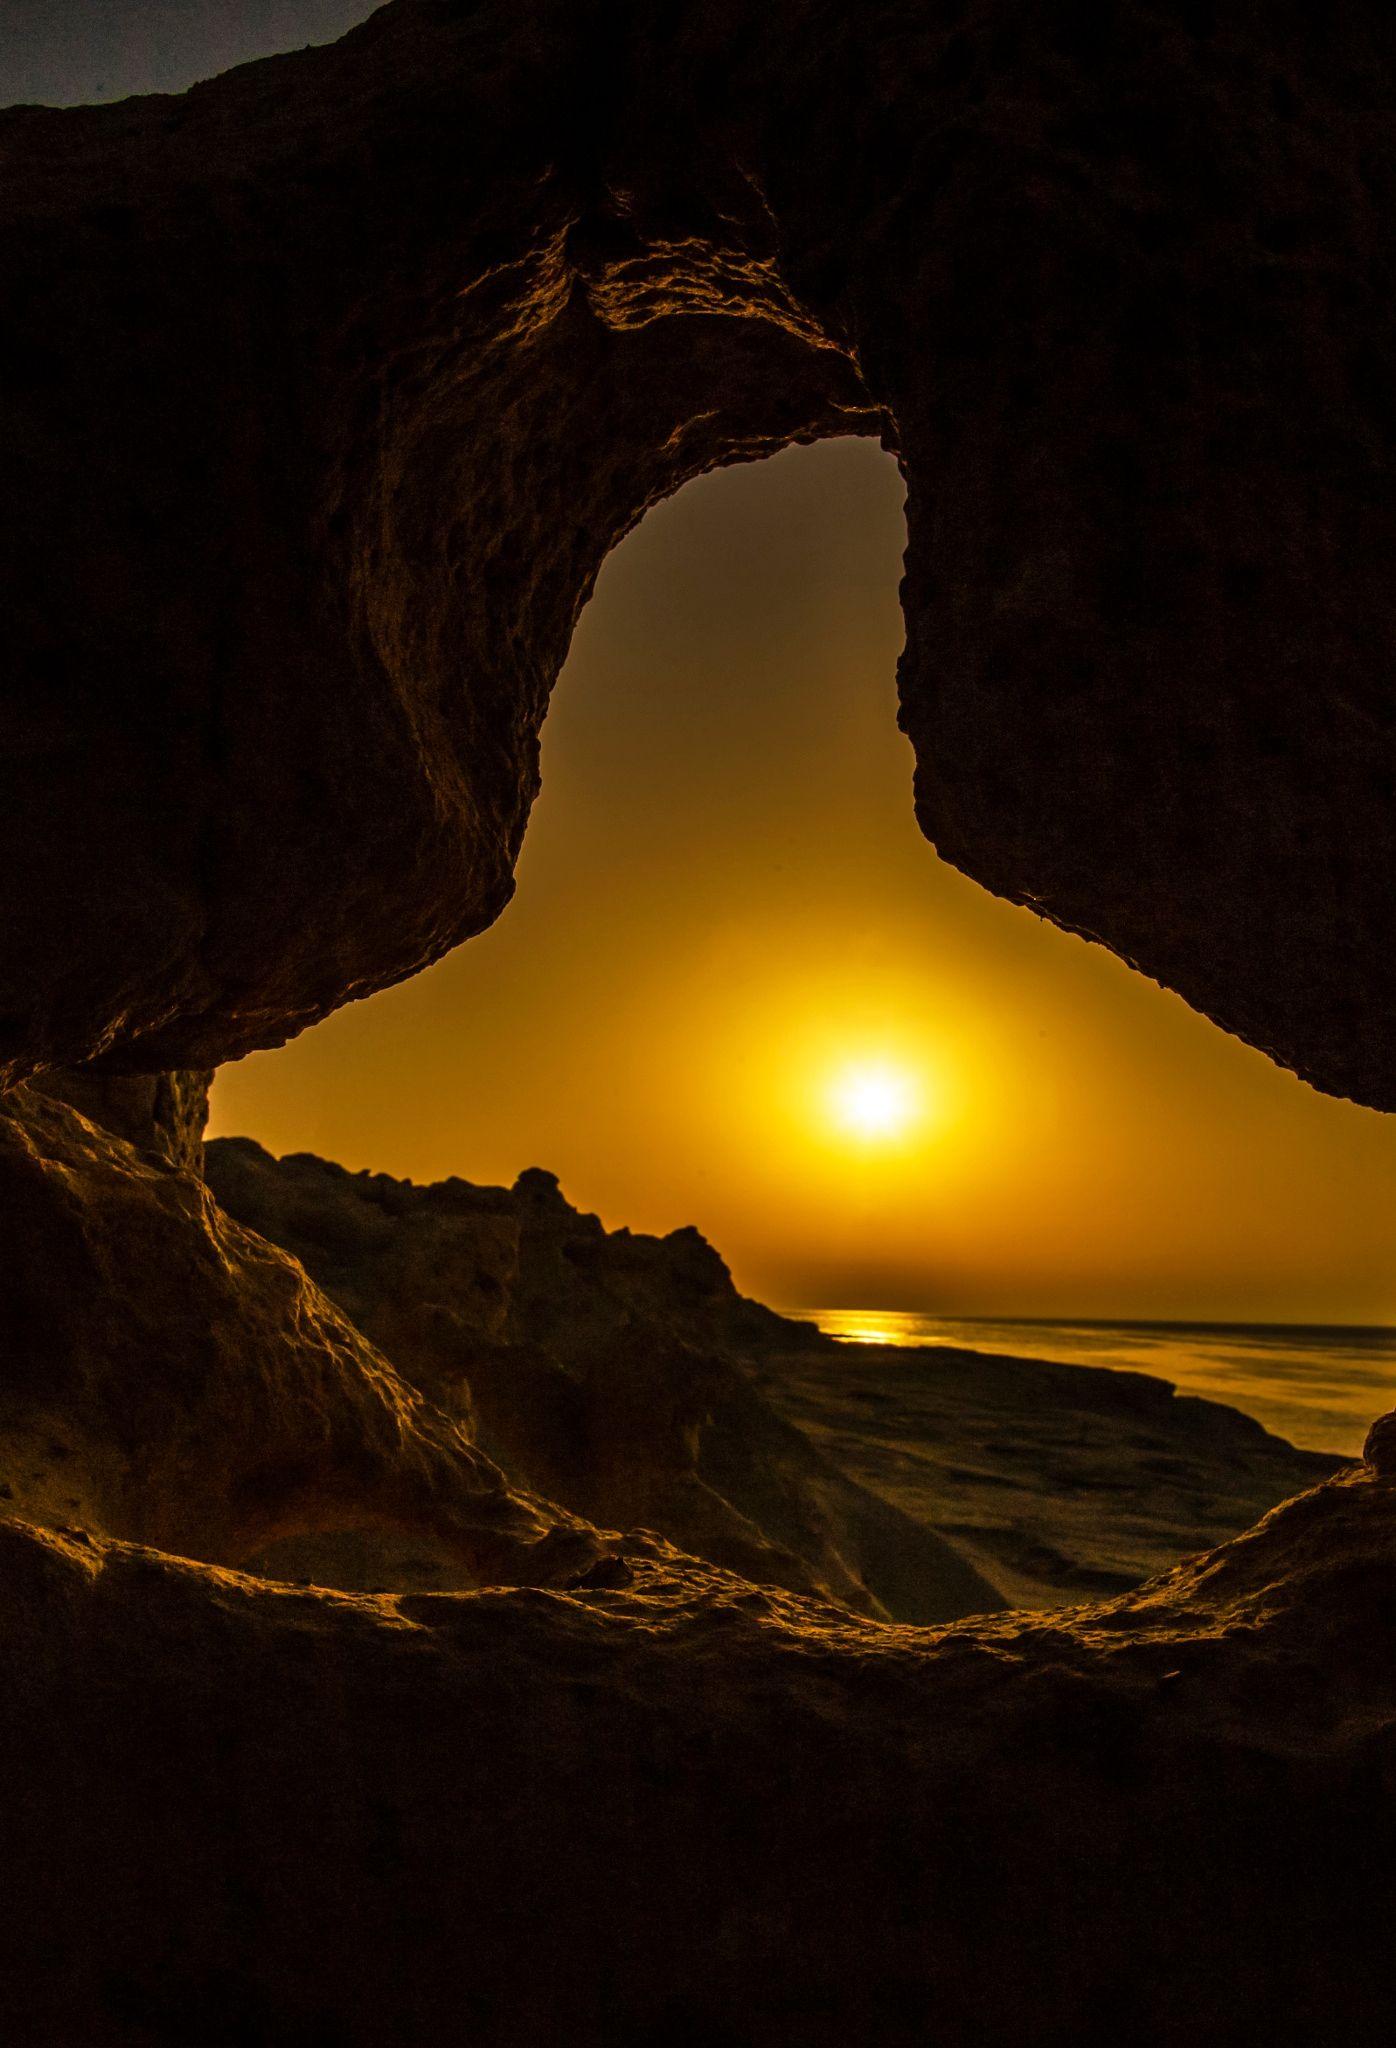 Una finestra aperta sul sole che spalma la sua luce come - Una finestra sul cielo ...